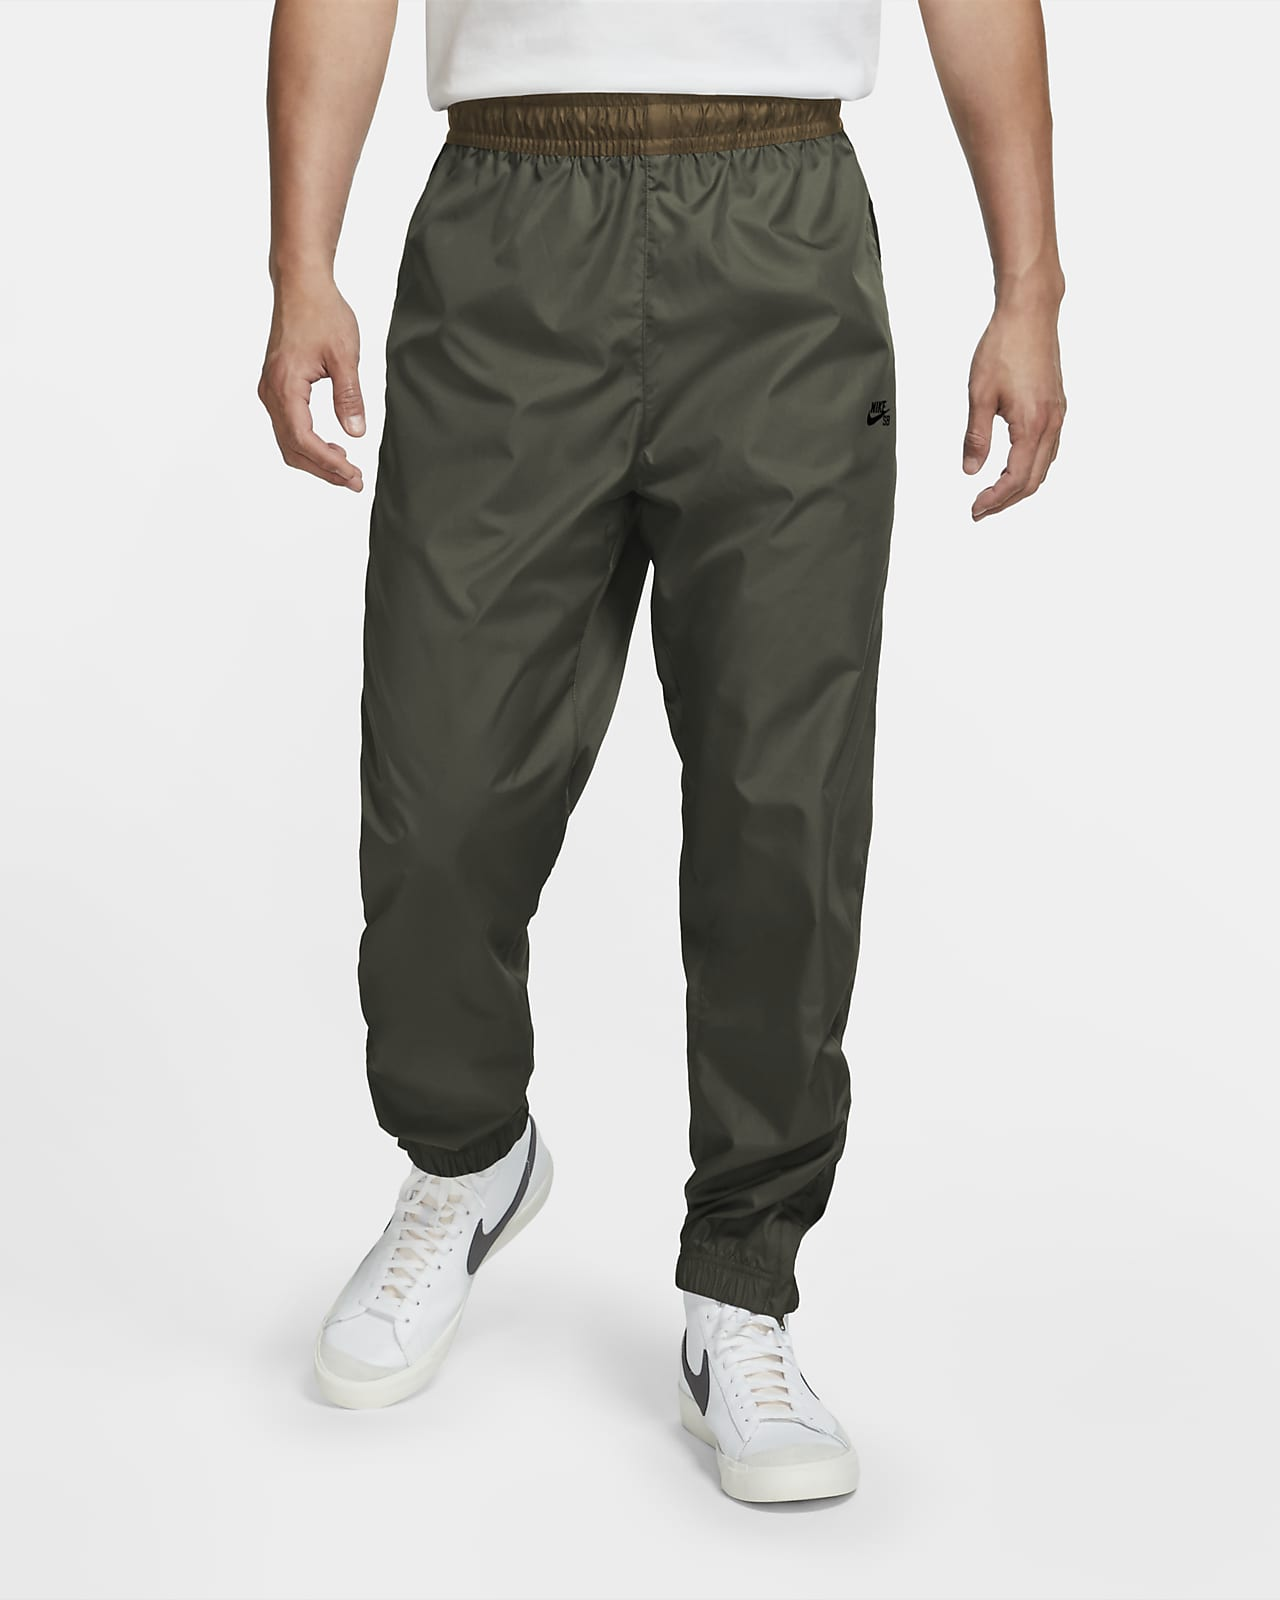 Męskie spodnie dresowe do skateboardingu Nike SB